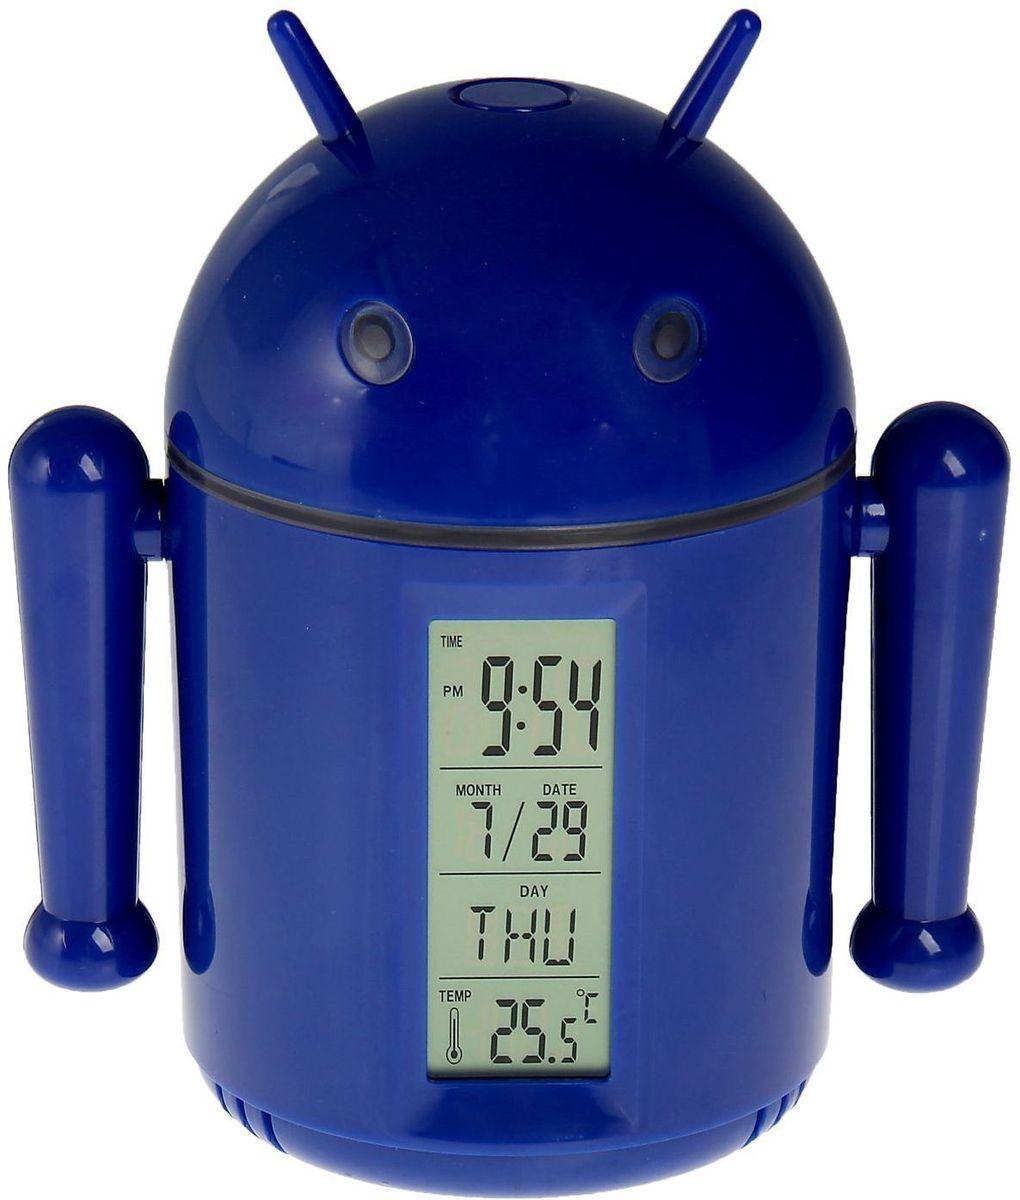 Sima-land Лампа настольная сенсорная Робот цвет синий1193589Сегодня особо ценятся уникальные креативные предметы интерьера, и настольная сенсорная лампа Sima-land Робот как раз из их числа. Лампа выполнена из качественного пластика в виде забавного зеленого робота с рожками. Голова робота поднимается над корпусом с помощью телескопических держателей и может поворачиваться под любым углом. На нижней поверхности головы робота расположены 20 ярких светодиодов, которые включаются с помощью кнопки на его макушке. Если провести пальцем или рукой между глаз робота, то они будут светиться. Руки робота подвижны. На лицевой стороне корпуса расположен жидкокристаллический дисплей, отображающий информацию о времени суток, дате и температуре окружающего воздуха. На нижней поверхности корпуса есть кнопочная панель для настройки часов, будильника, календаря и переключения отображения температуры в градусах Цельсия или Фаренгейта. Оригинальную лампу можно установить на стол или любую ровную поверхность, можно подвесить с помощью ремешка (в...